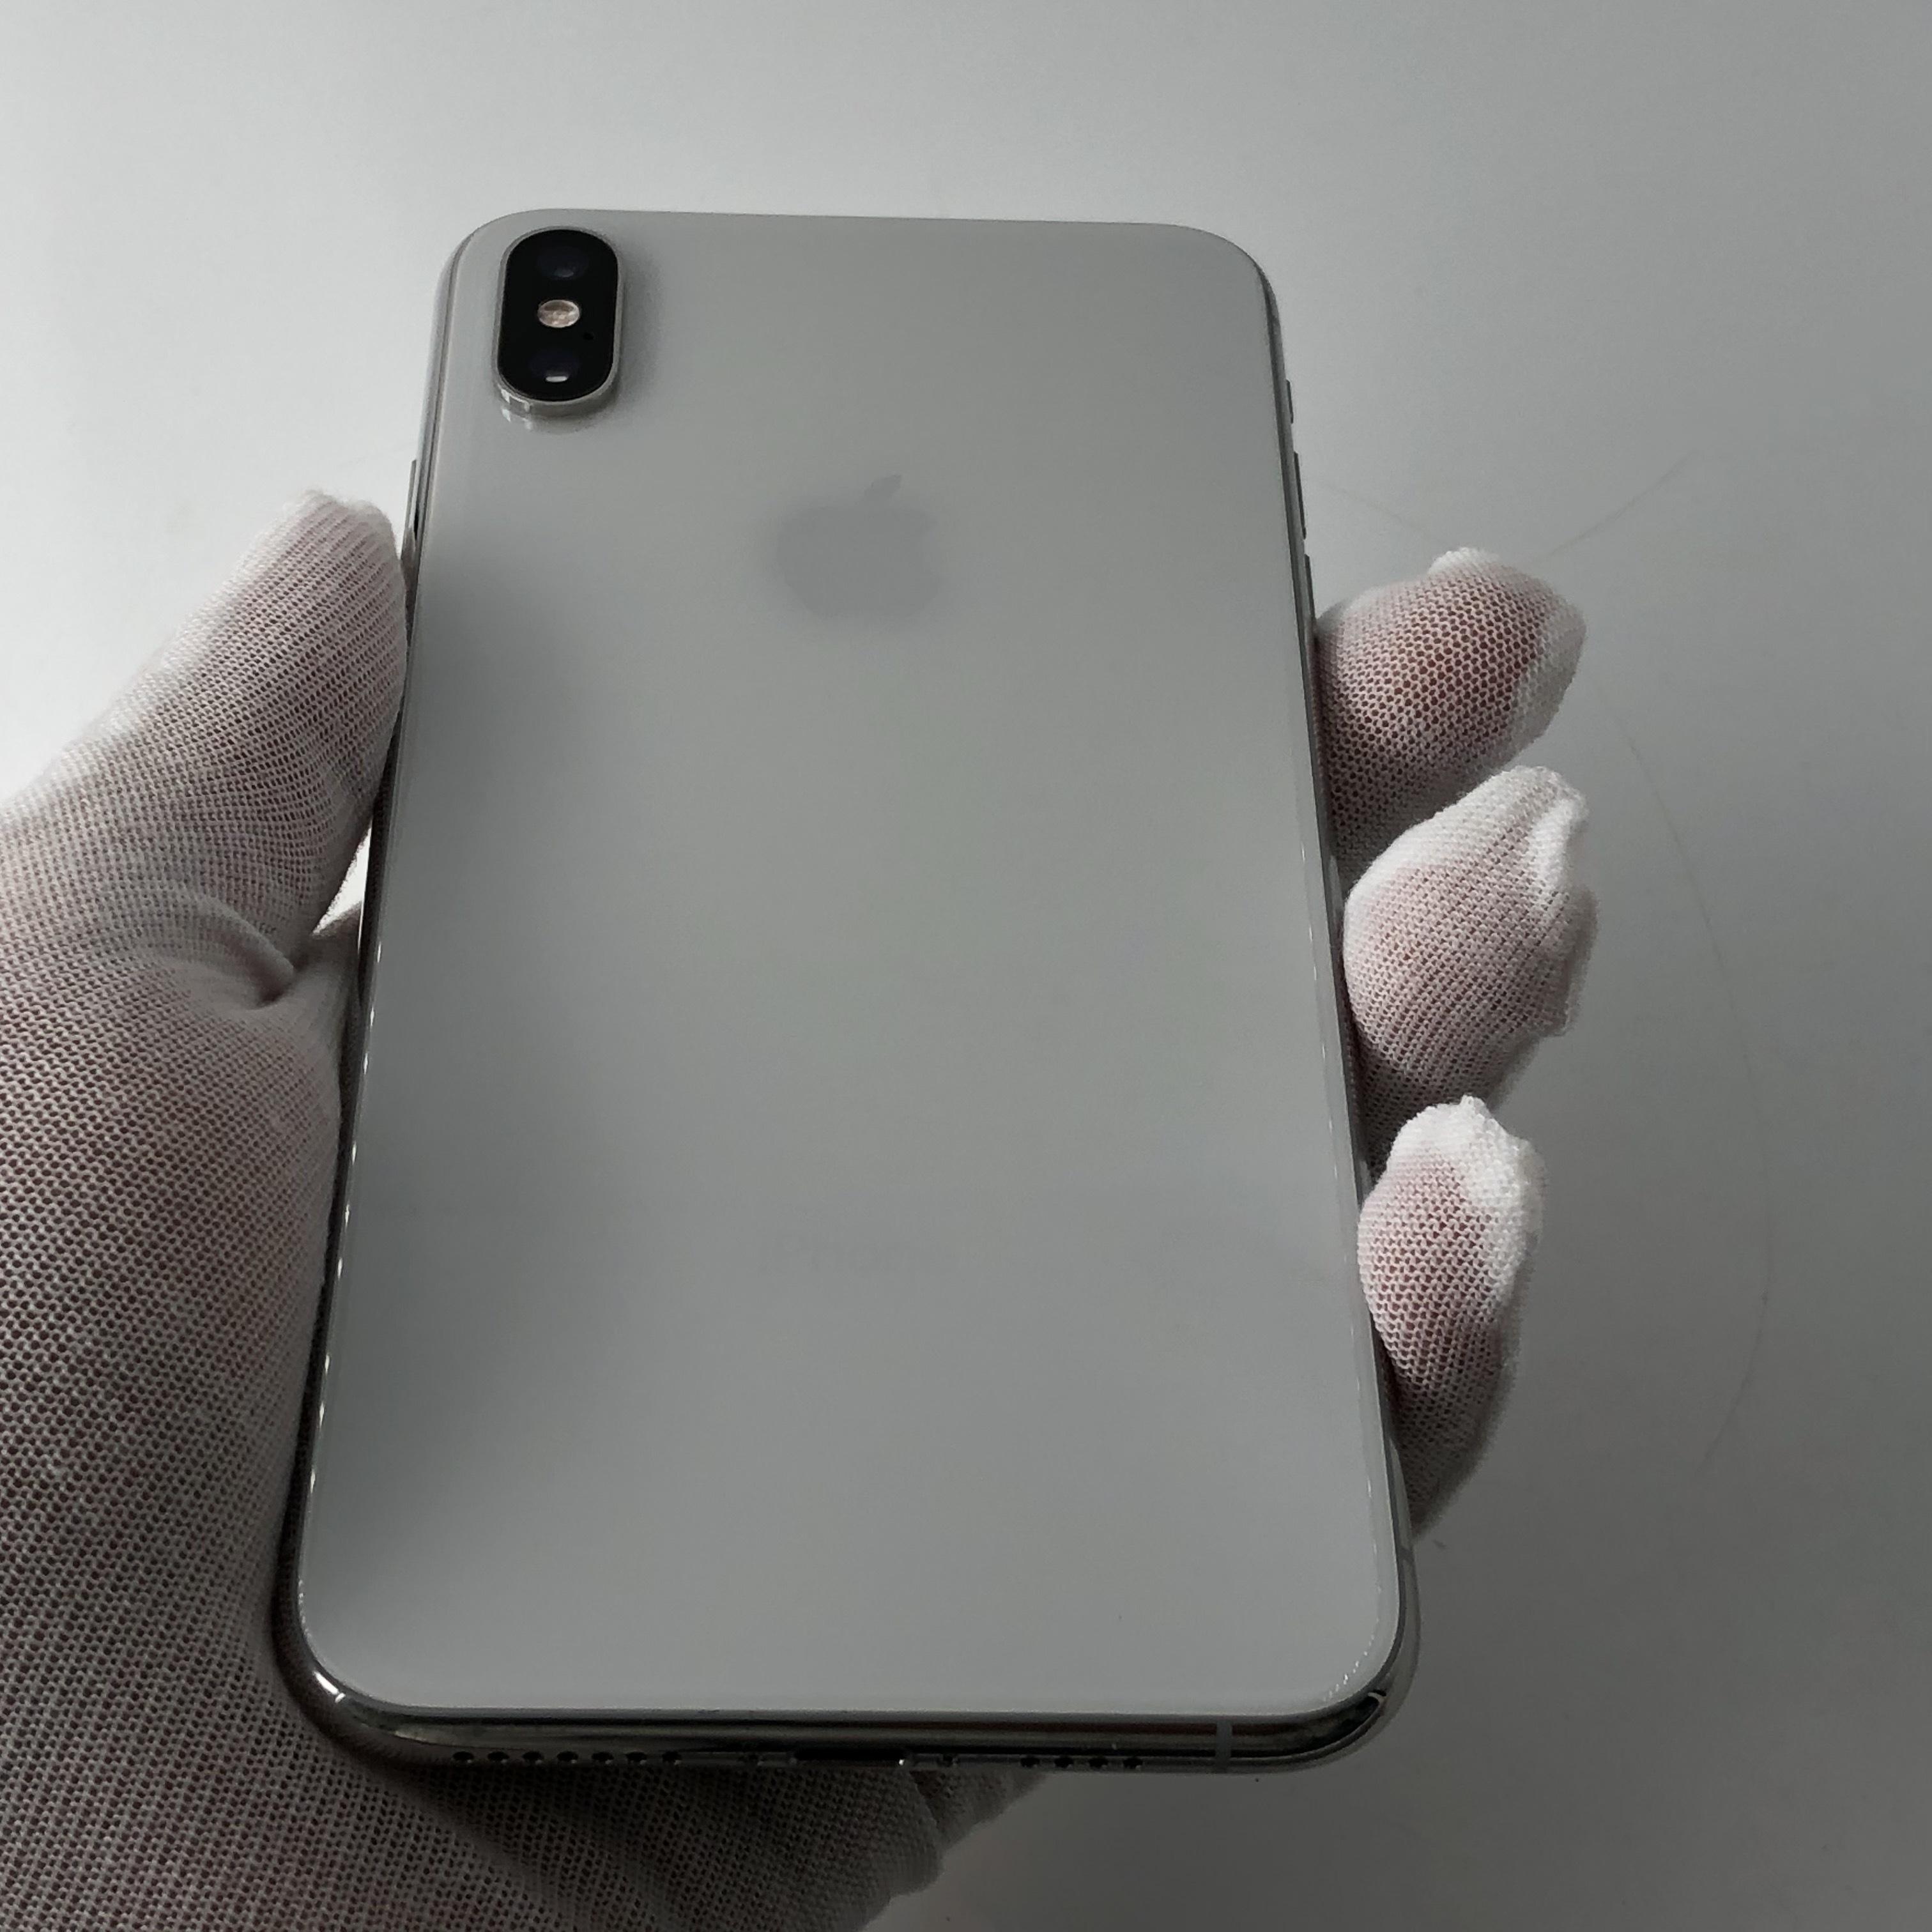 苹果【iPhone Xs Max】4G全网通 银色 256G 国际版 95新